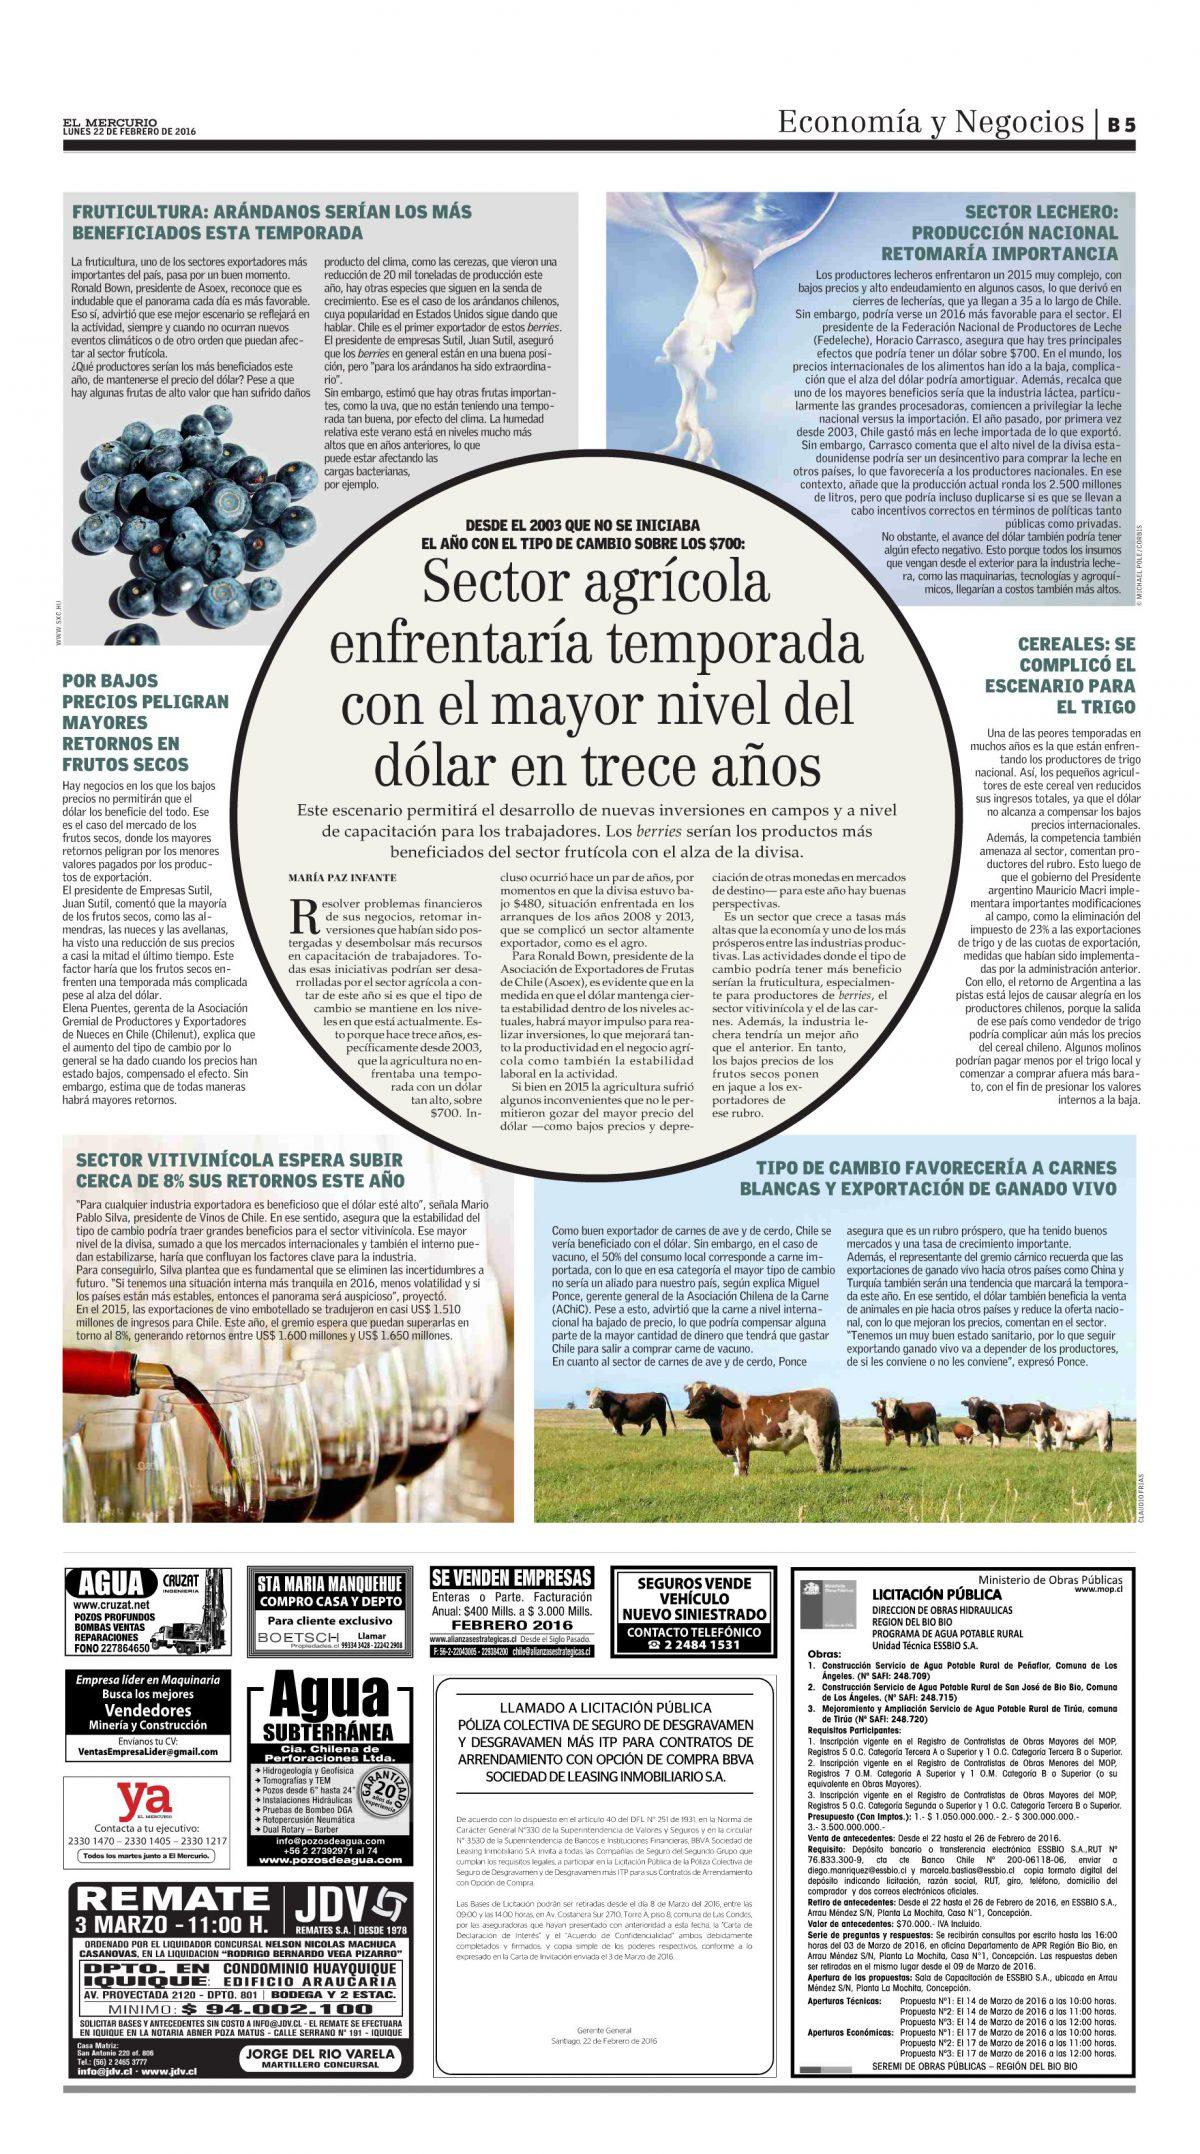 Sector agrícola enfrentaría temporada con el mayor nivel del dólar en trece años